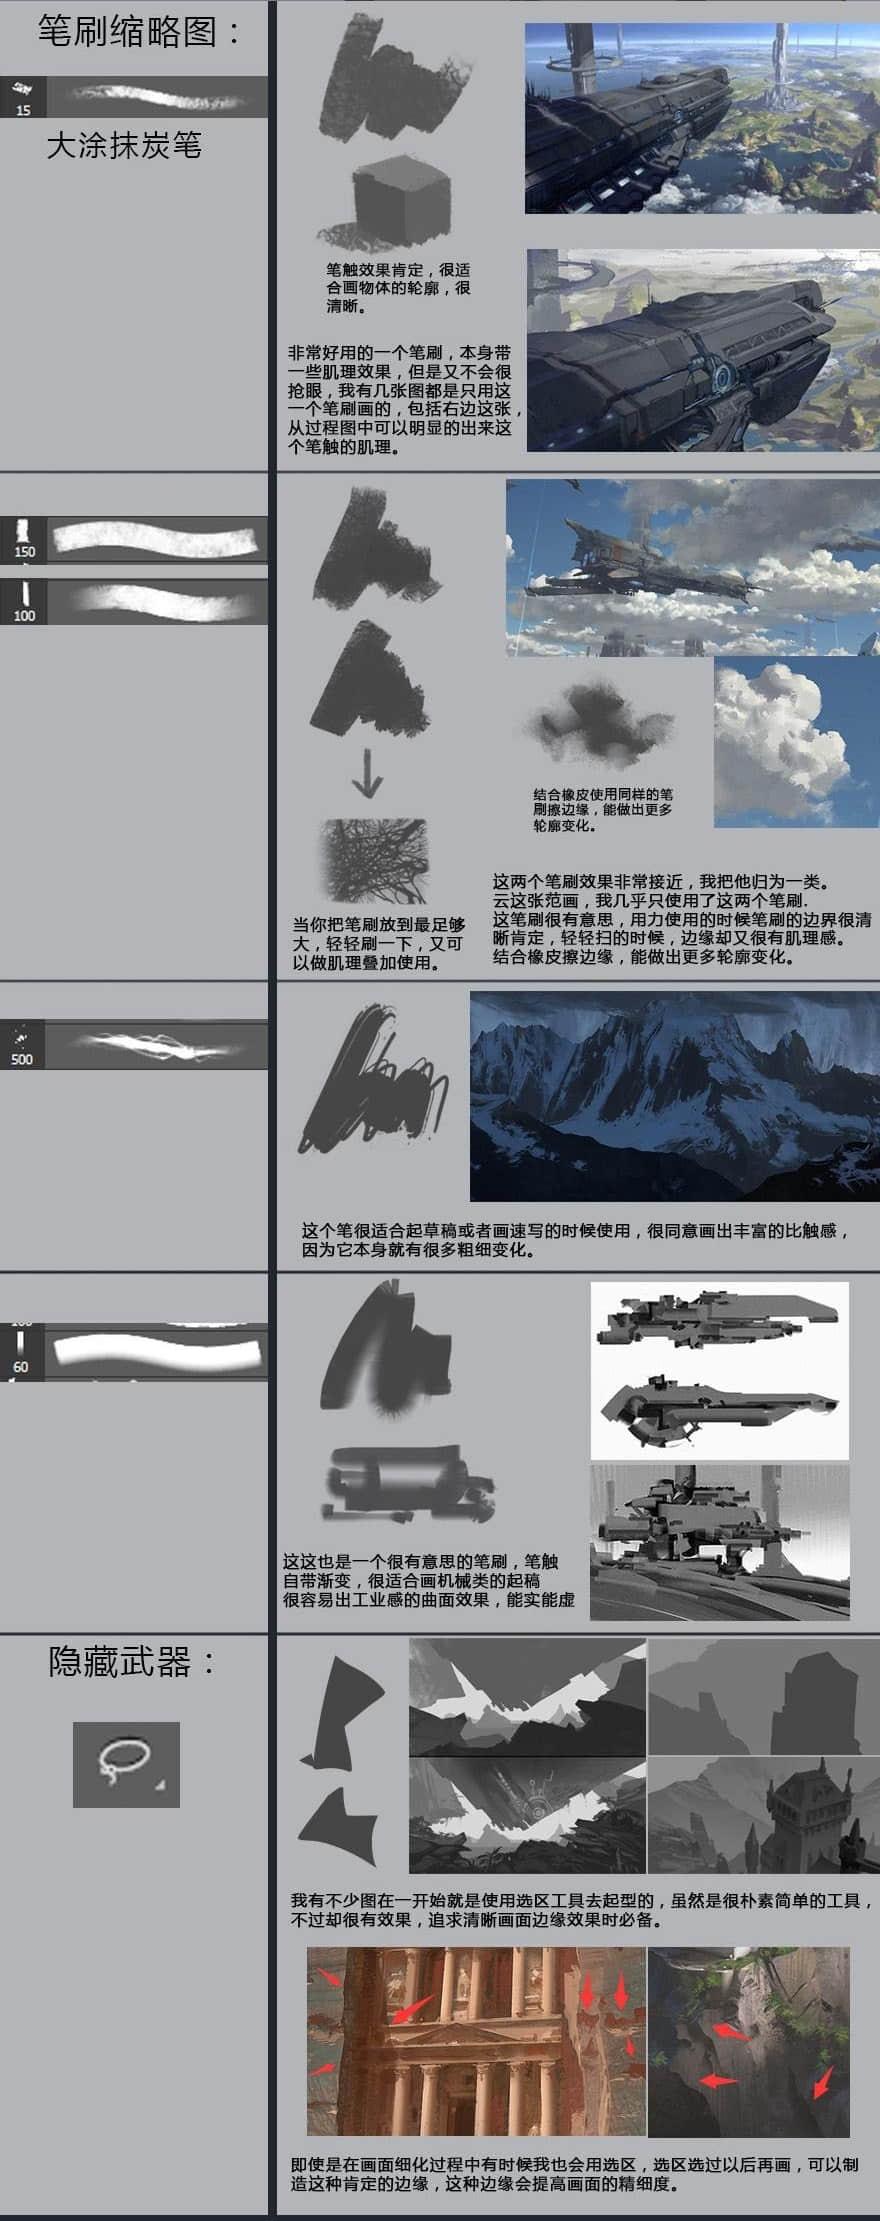 心得:关于Photoshop笔刷一些使用基础知识的讲解